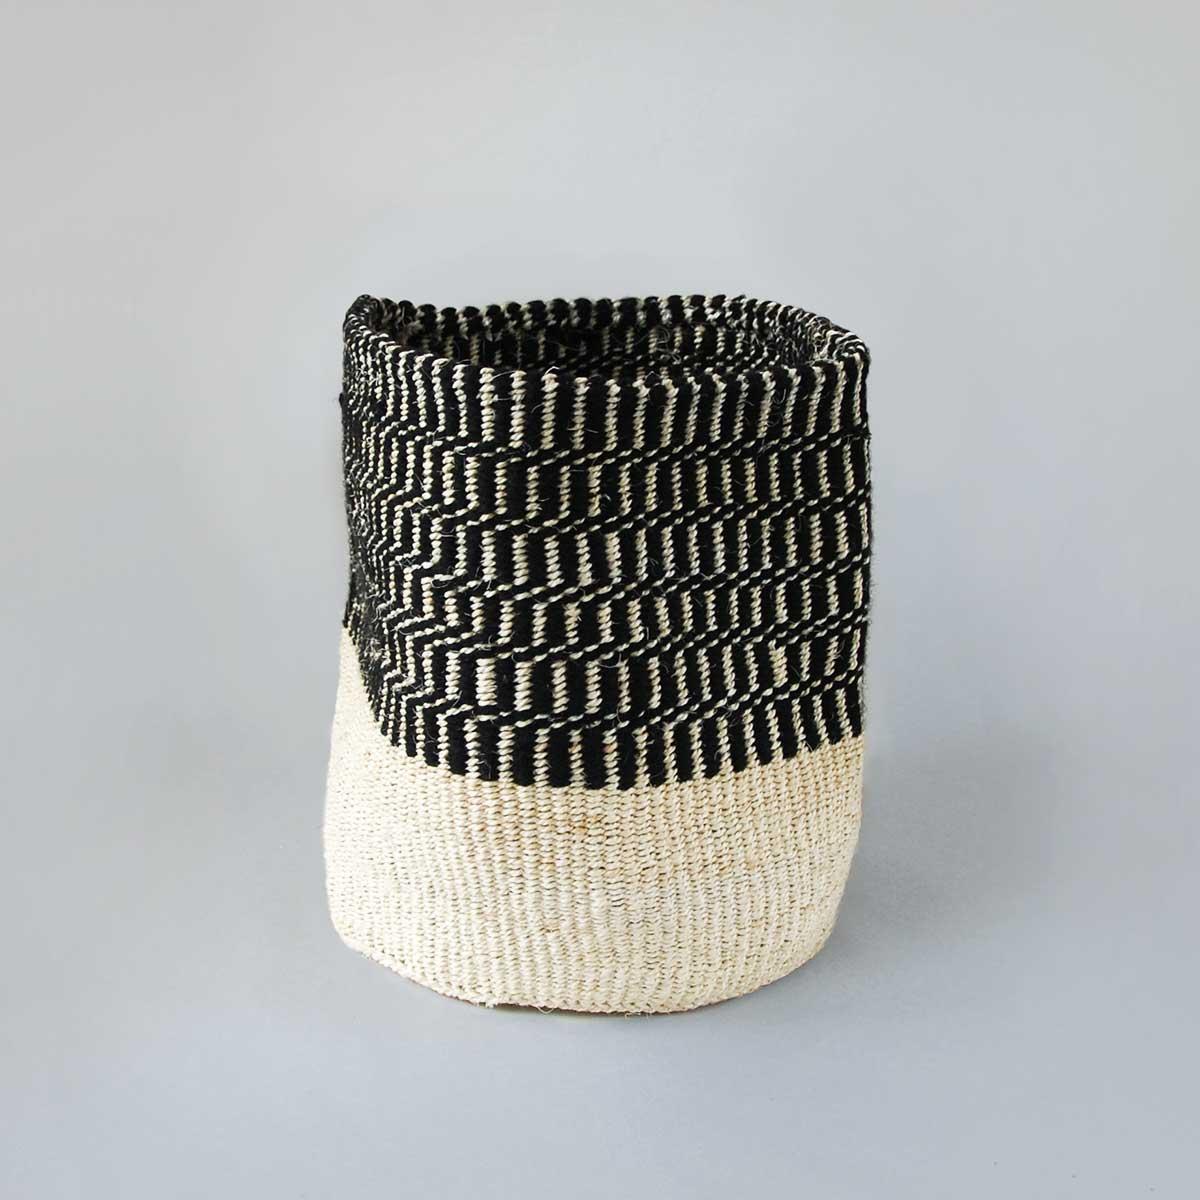 Storage-basket-no2-02-1200x1200